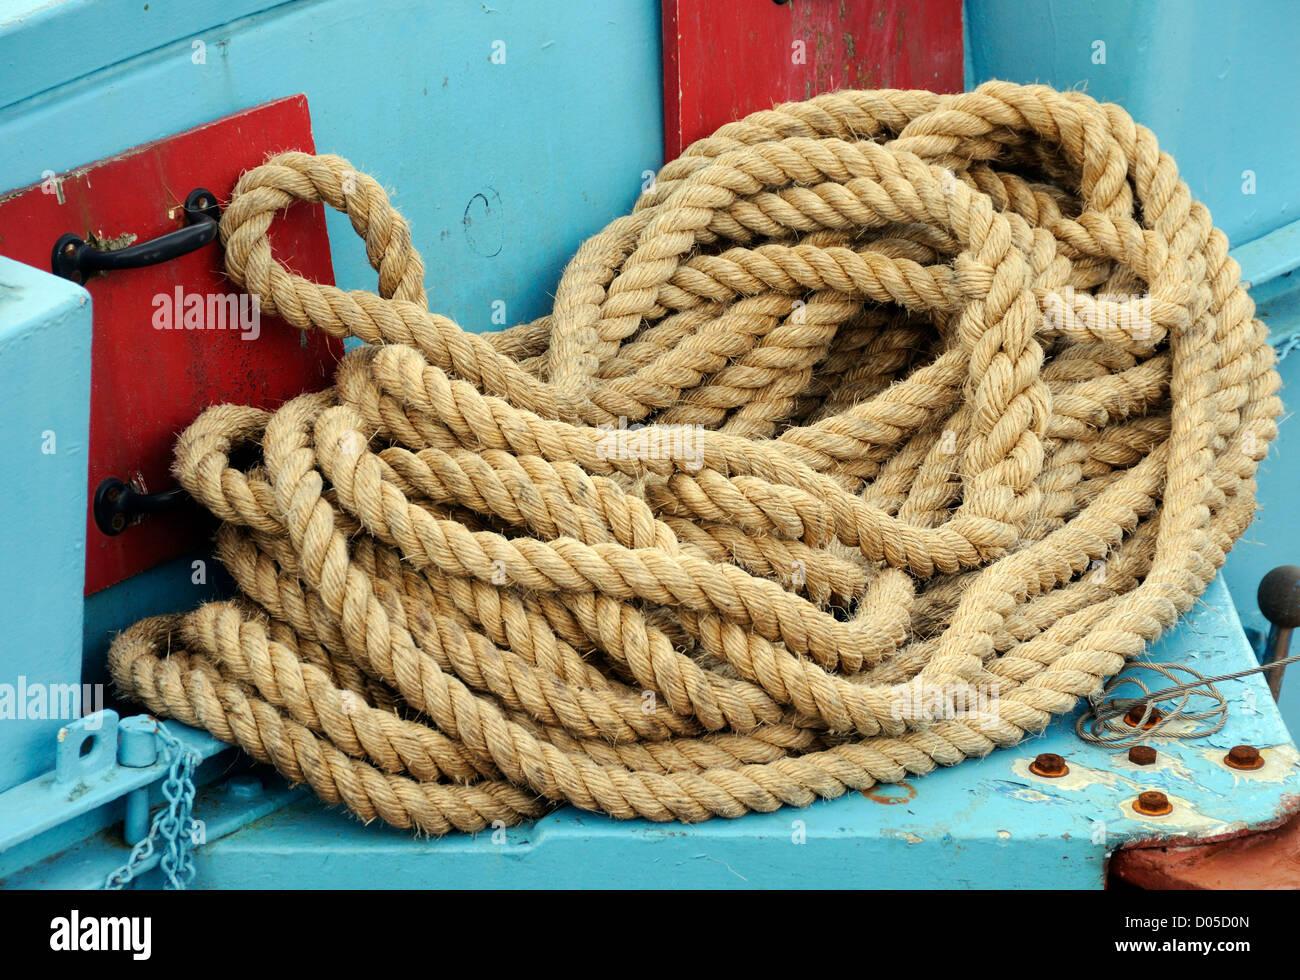 Una bobina de cuerda de fibras naturales en un barco de pesca. Scrabster, Caithness, Escocia, Reino Unido. Imagen De Stock